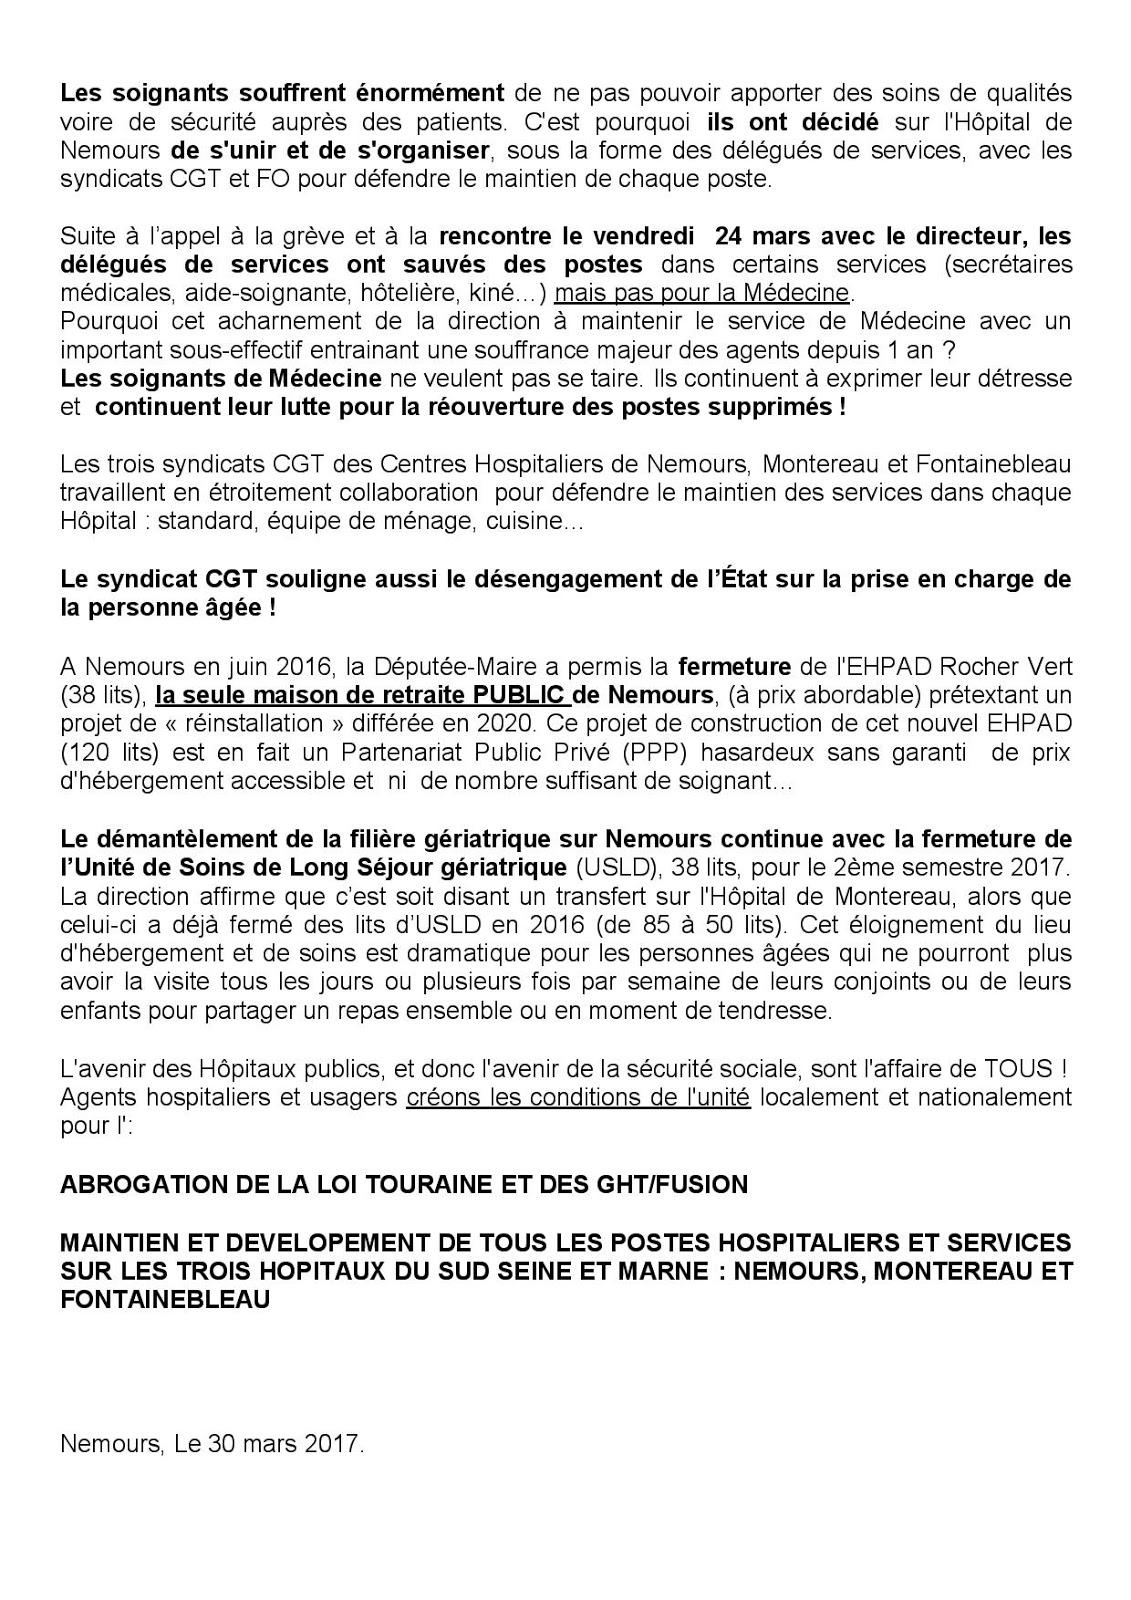 0c874c96e15 COLLECTIF DE DEFENSE DE L HOPITAL PUBLIC DE FONTAINEBLEAU  Syndicat ...